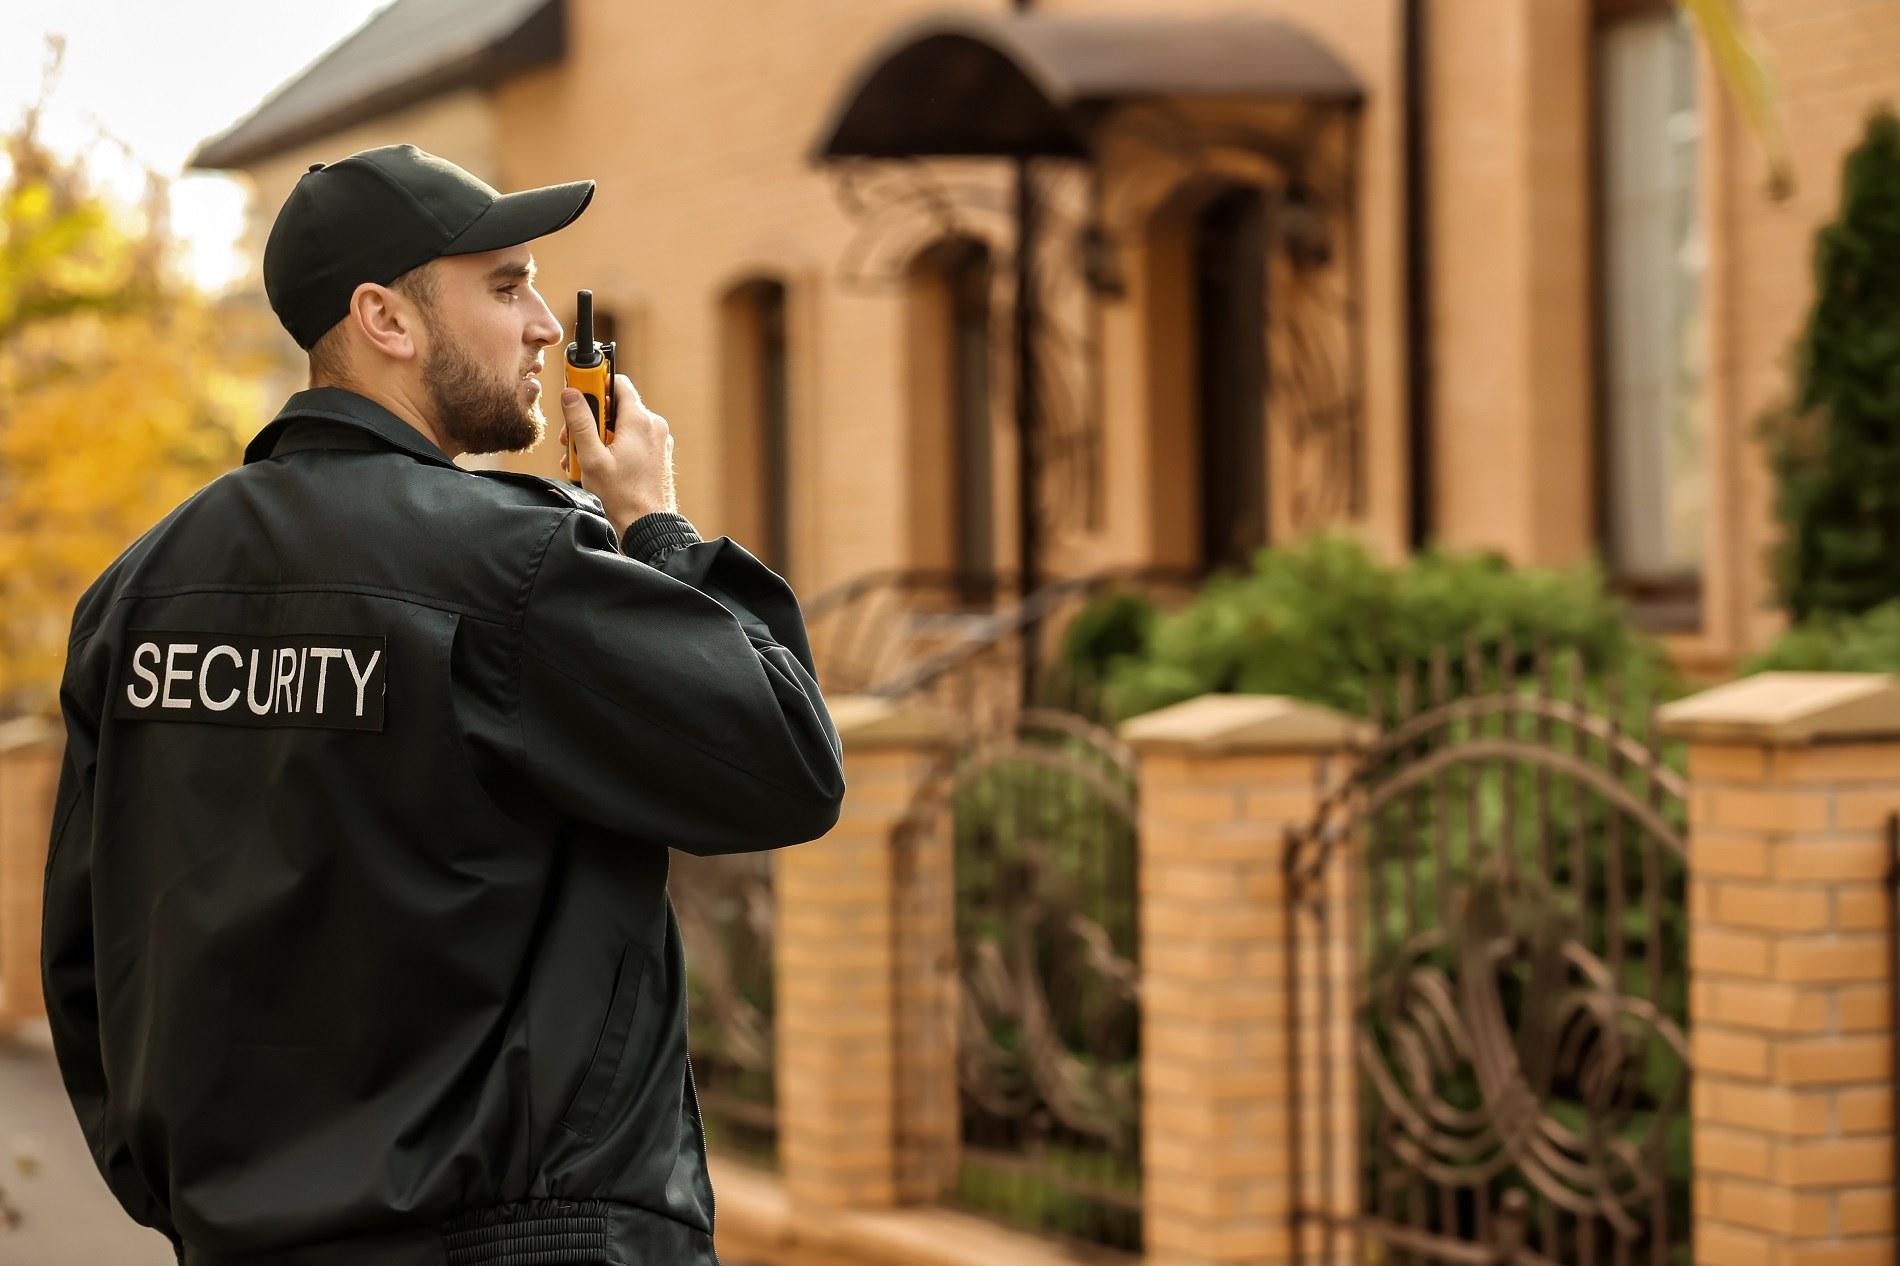 Sicherheitsdienst Offenbach am Main, Security, Brandwache, Objektschutz, Objektbewachung, Wachdienst